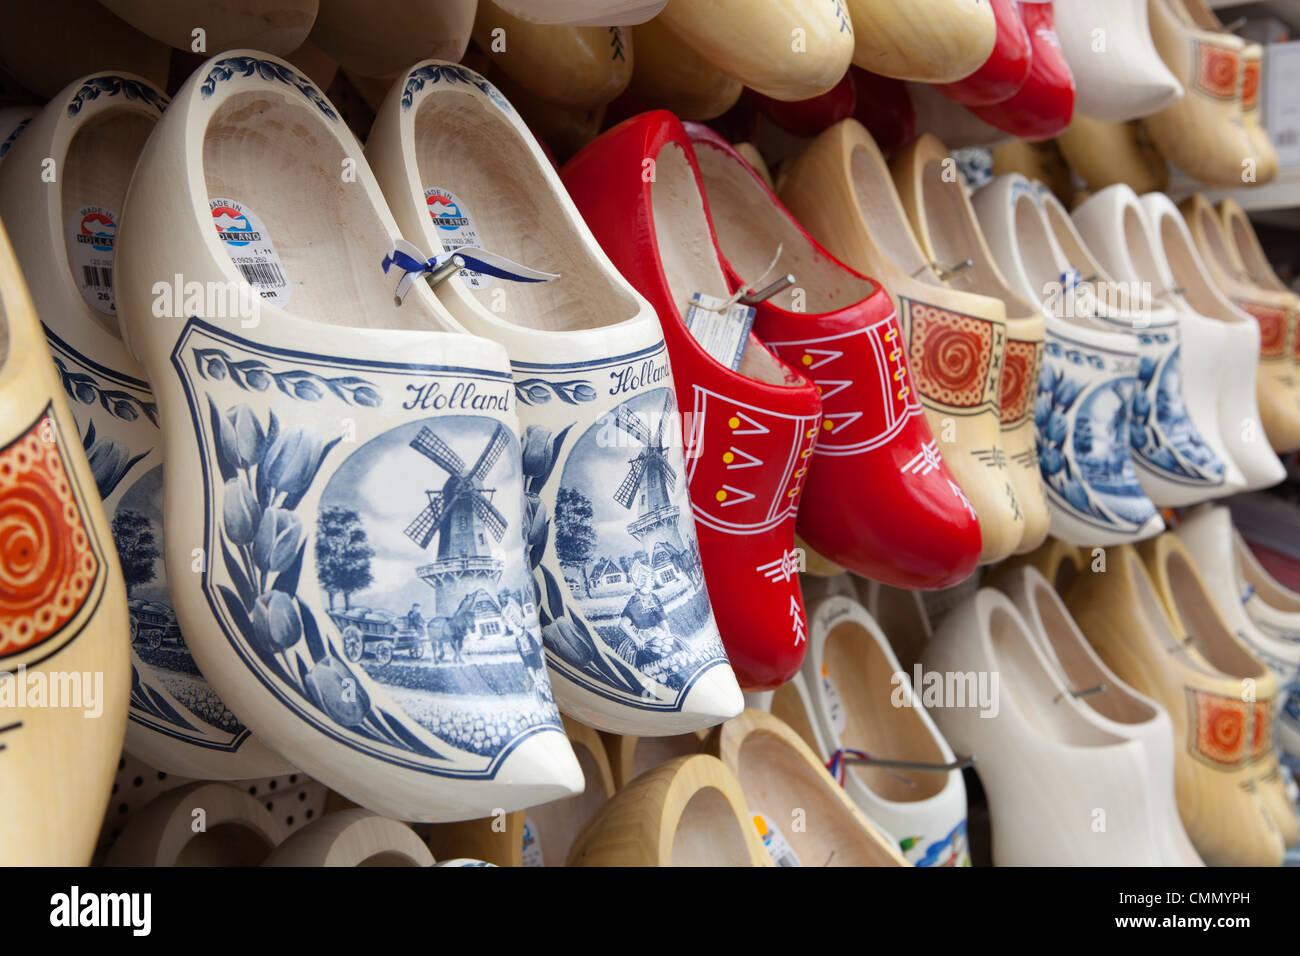 In legno zoccoli olandese nel negozio di souvenir, Amsterdam, Olanda Settentrionale, Paesi Bassi, Europa Immagini Stock